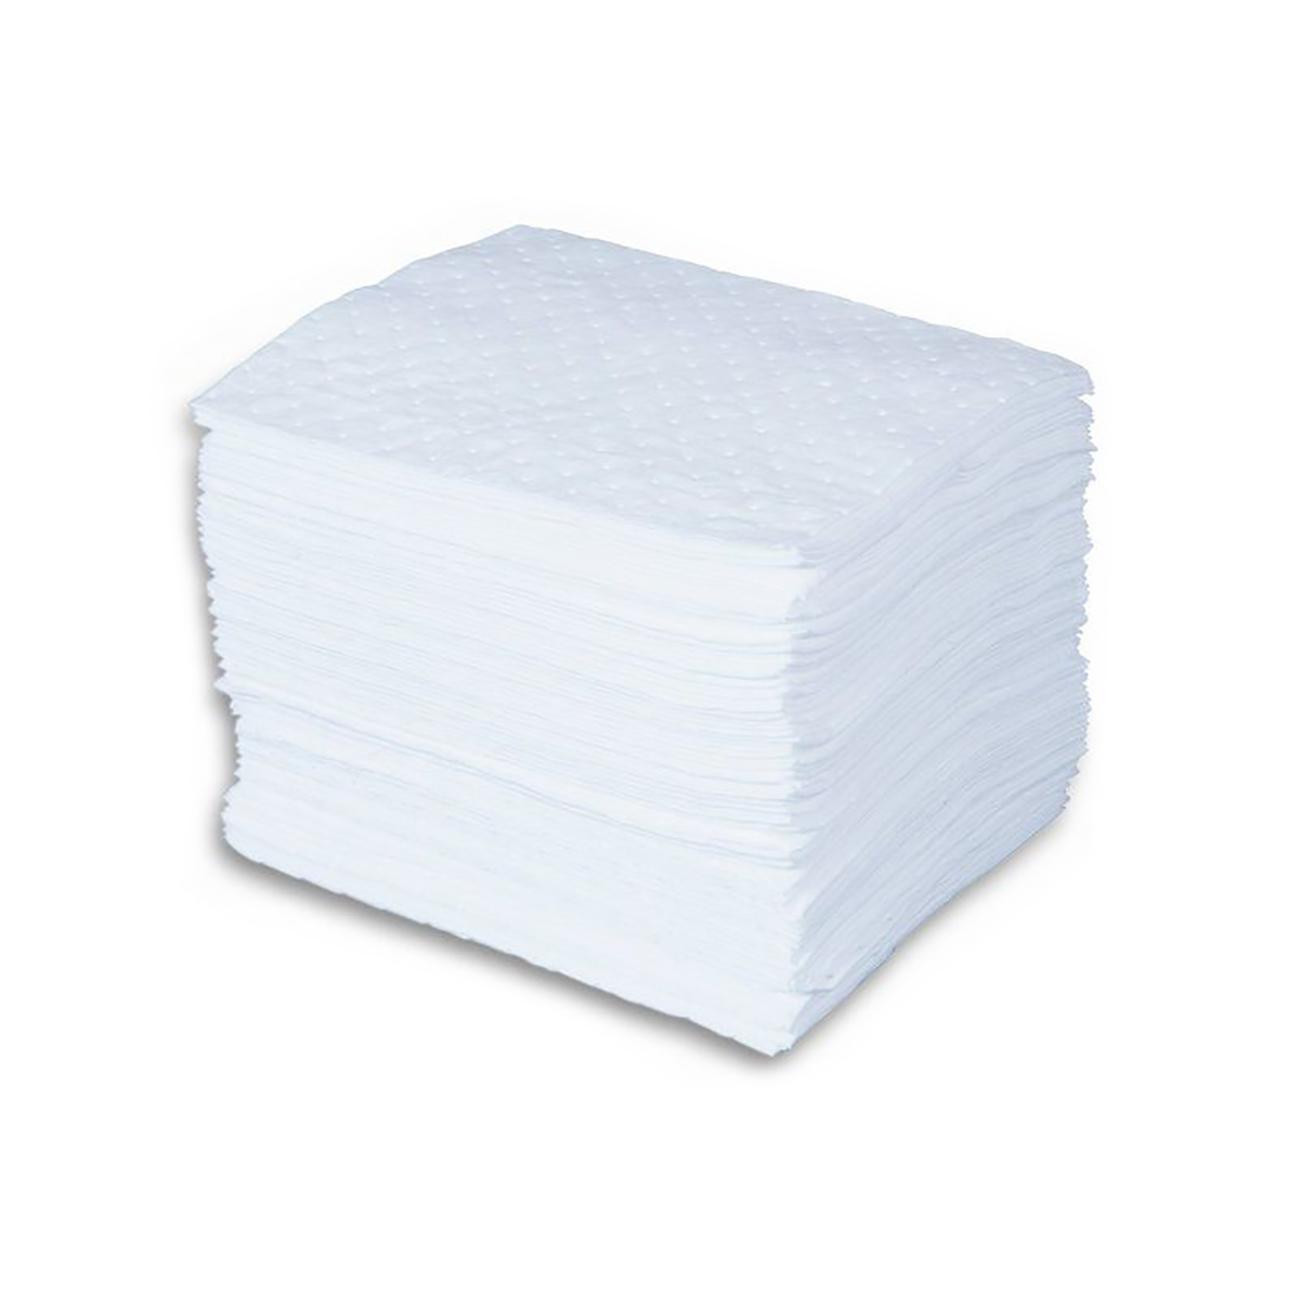 Фото Масловпитывающие салфетки ENV400-M, 41 х 51 см, 110 литров (100 шт.) {spc813744}